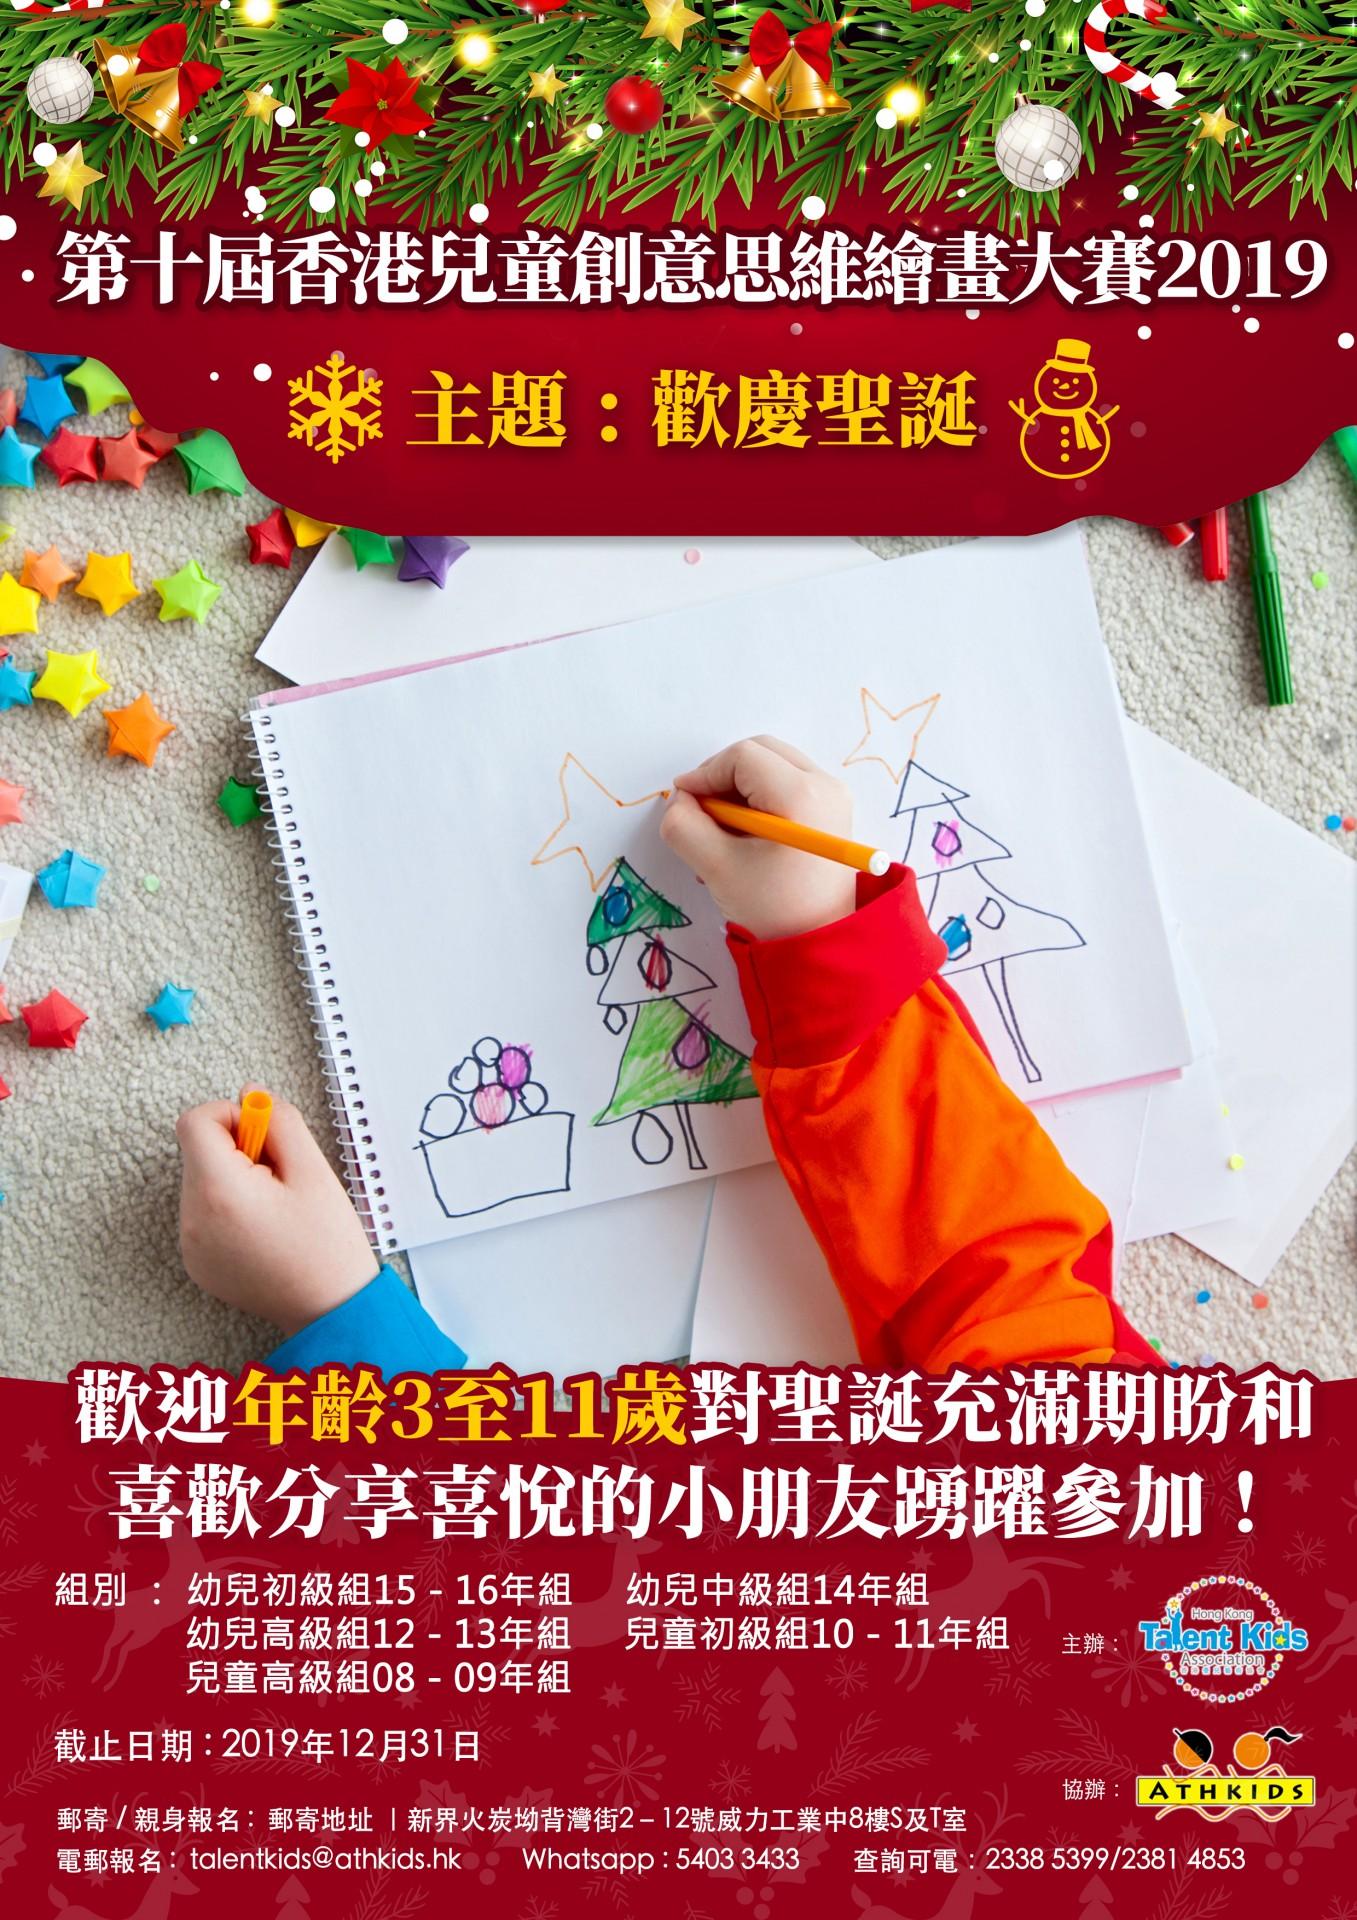 第十屆香港兒童創意思維繪畫大賽2019